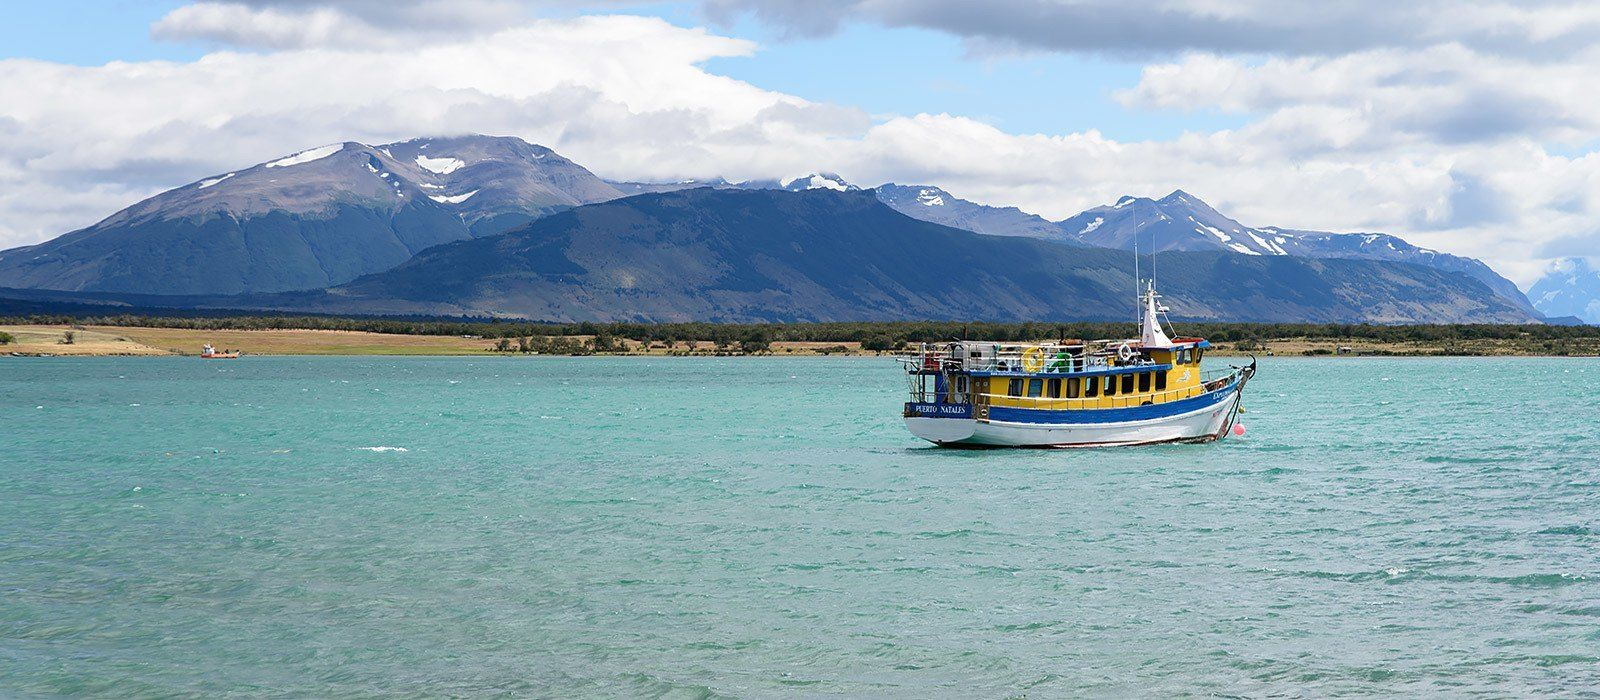 Destination Puerto Natales Chile